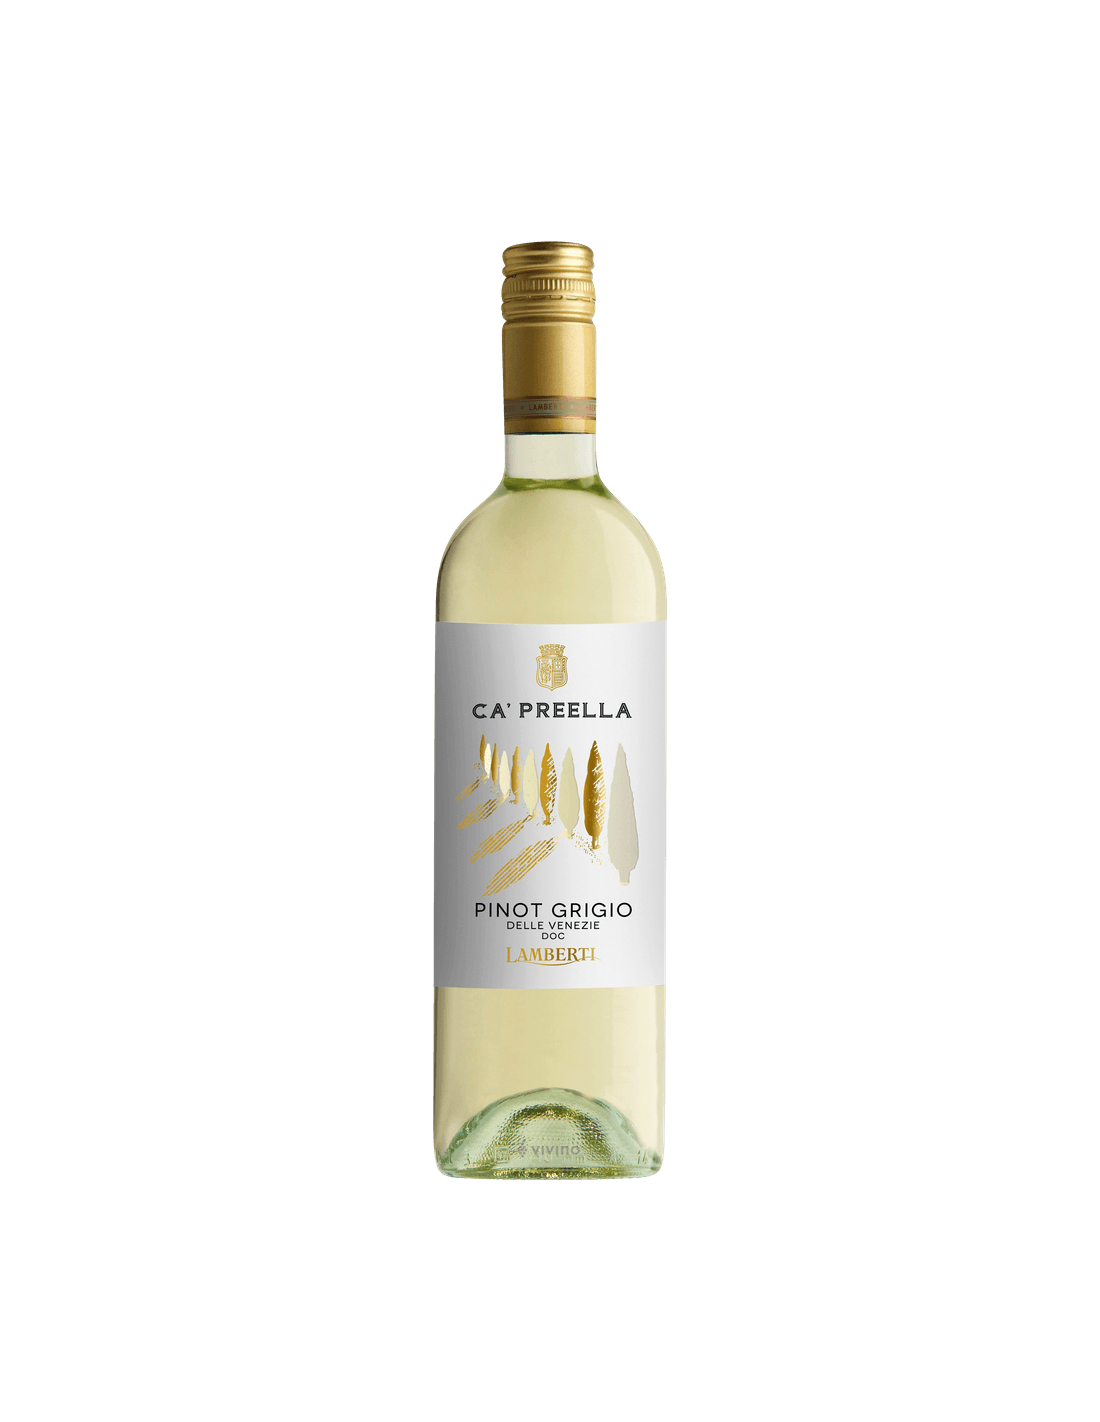 Vin alb, Pinot Grigio, Lamberti Ca Preella Delle Venezie, 12.5% alc., 0.75L, Italia